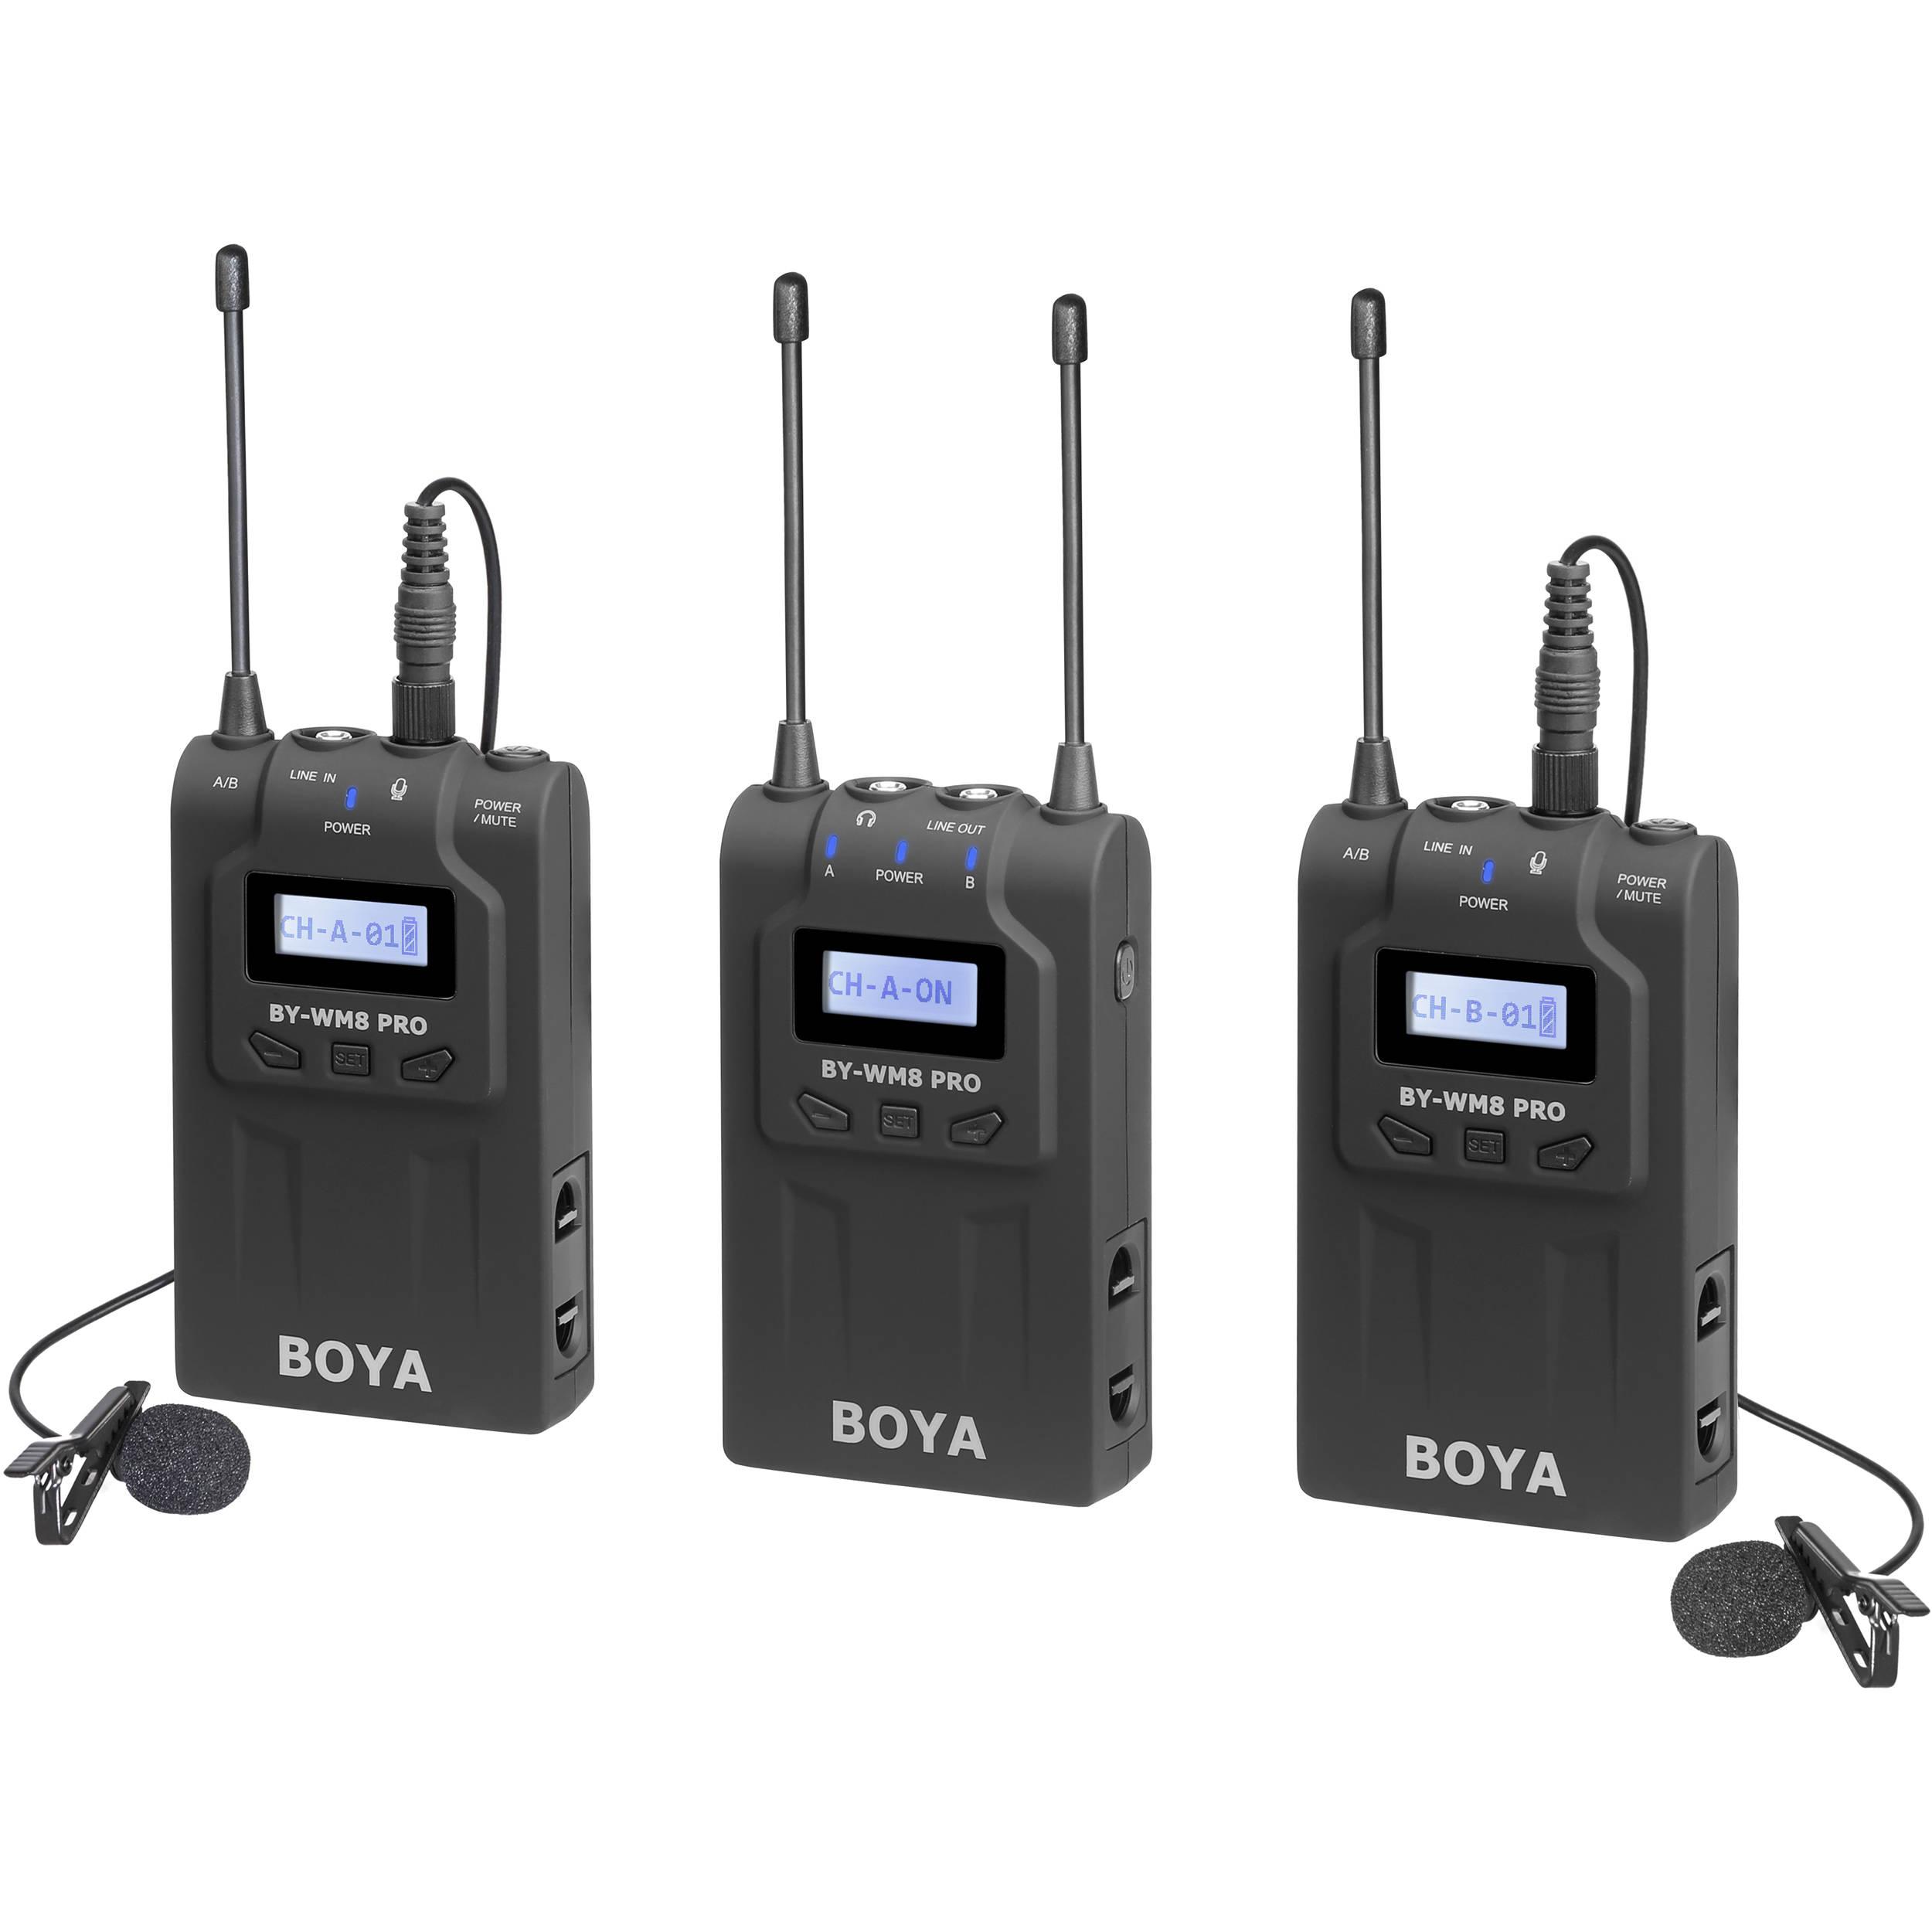 BOYA BY-WM8 Pro-K2 New Wireless Microphone System Black